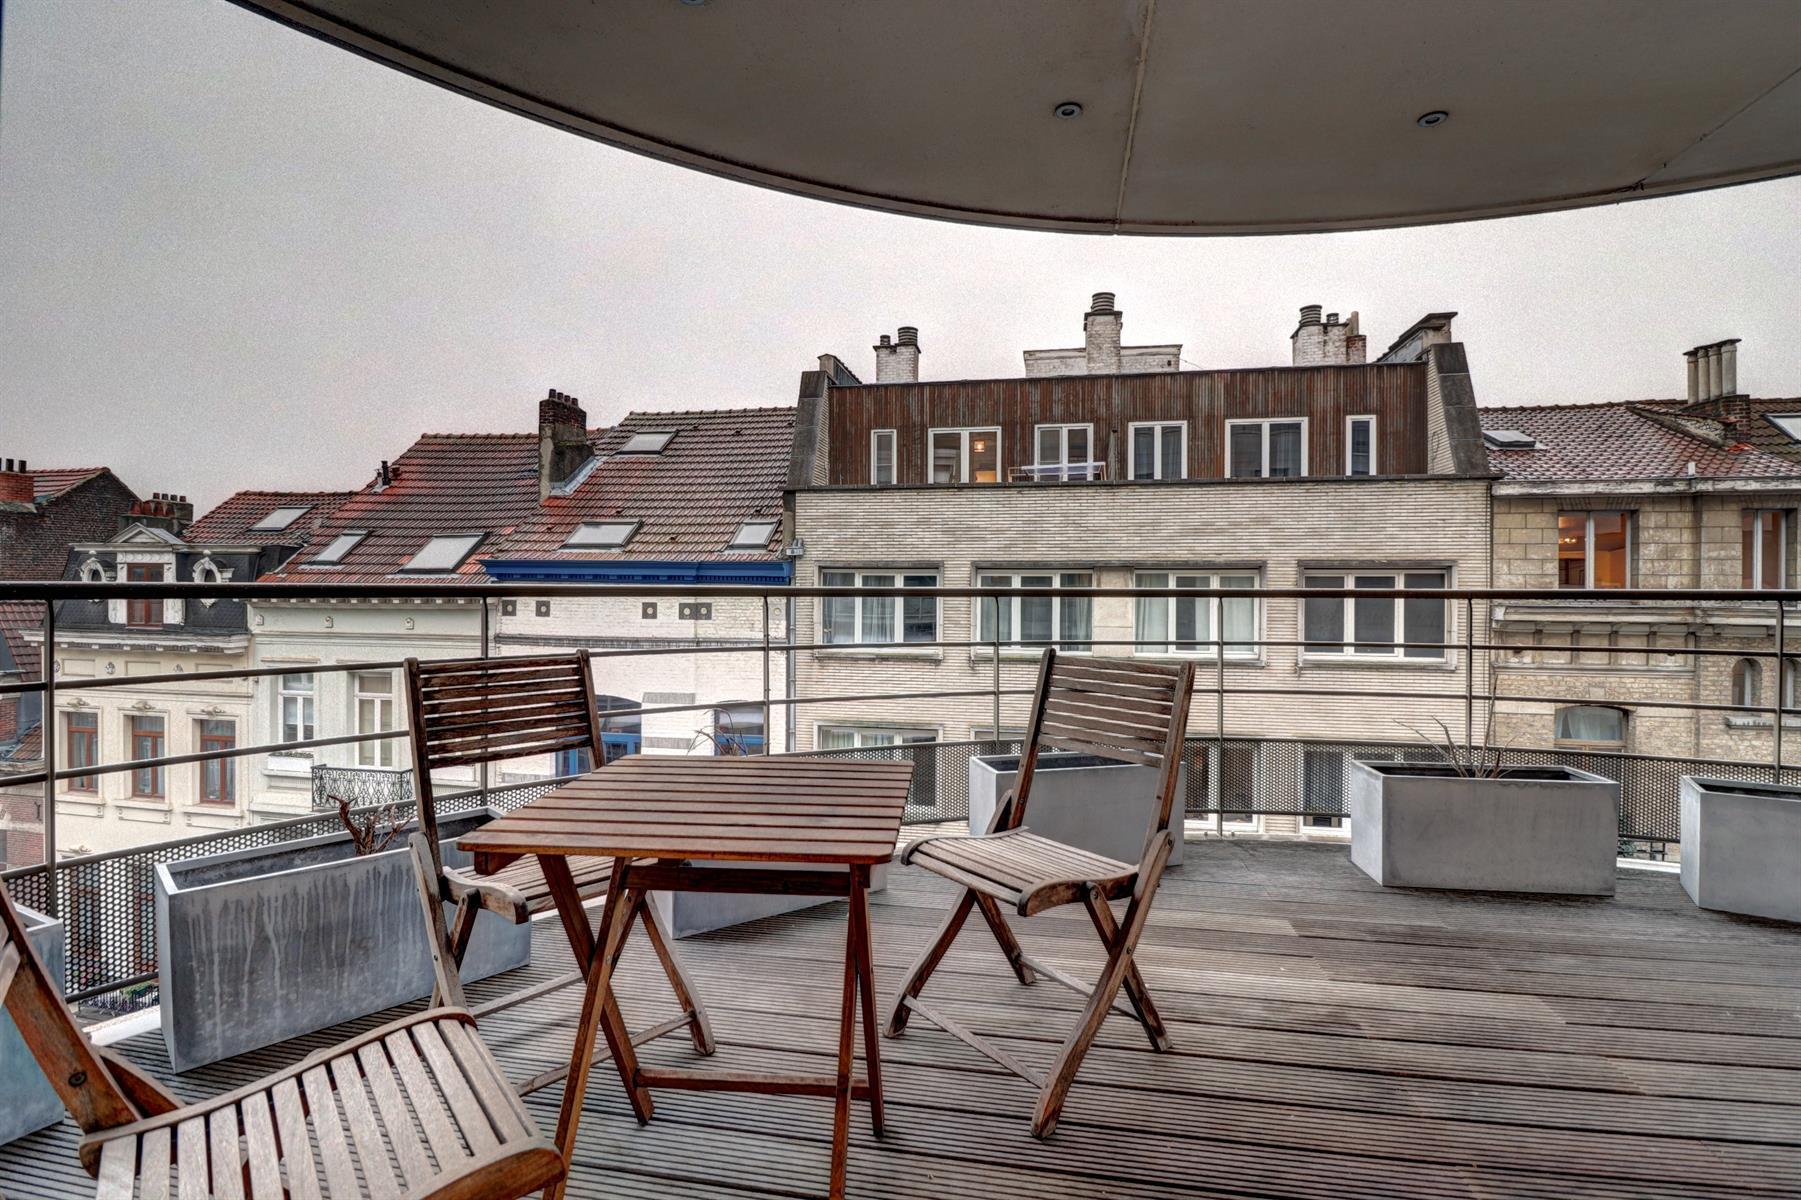 Flat - Ixelles - #4225896-8